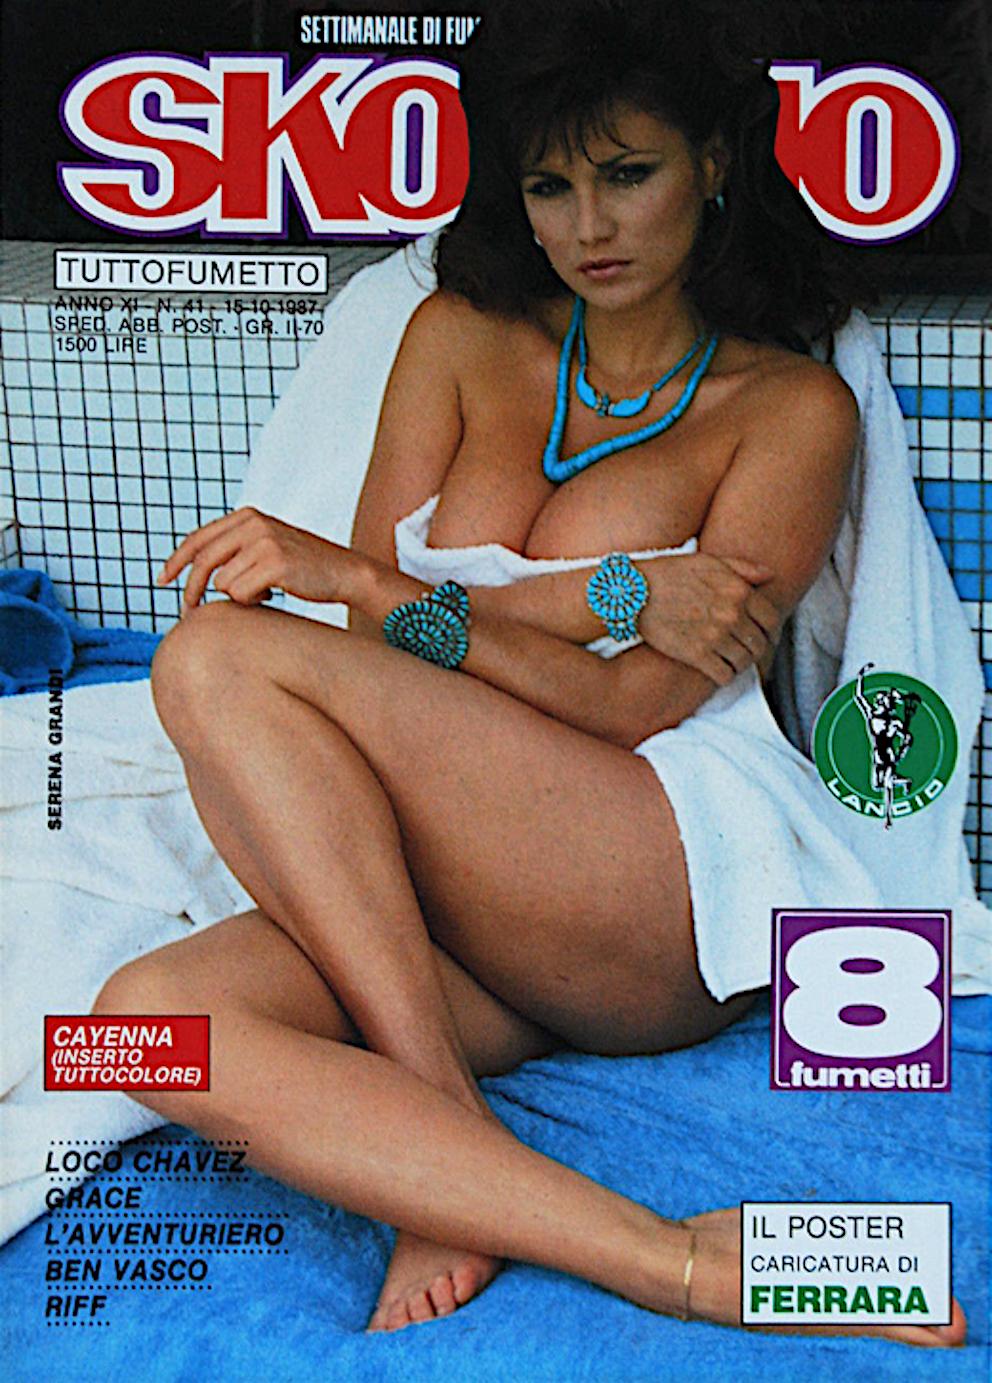 Serena Grandi Calendario.Serena Grandi Qui Notizie E Bellissime Foto Curiosando